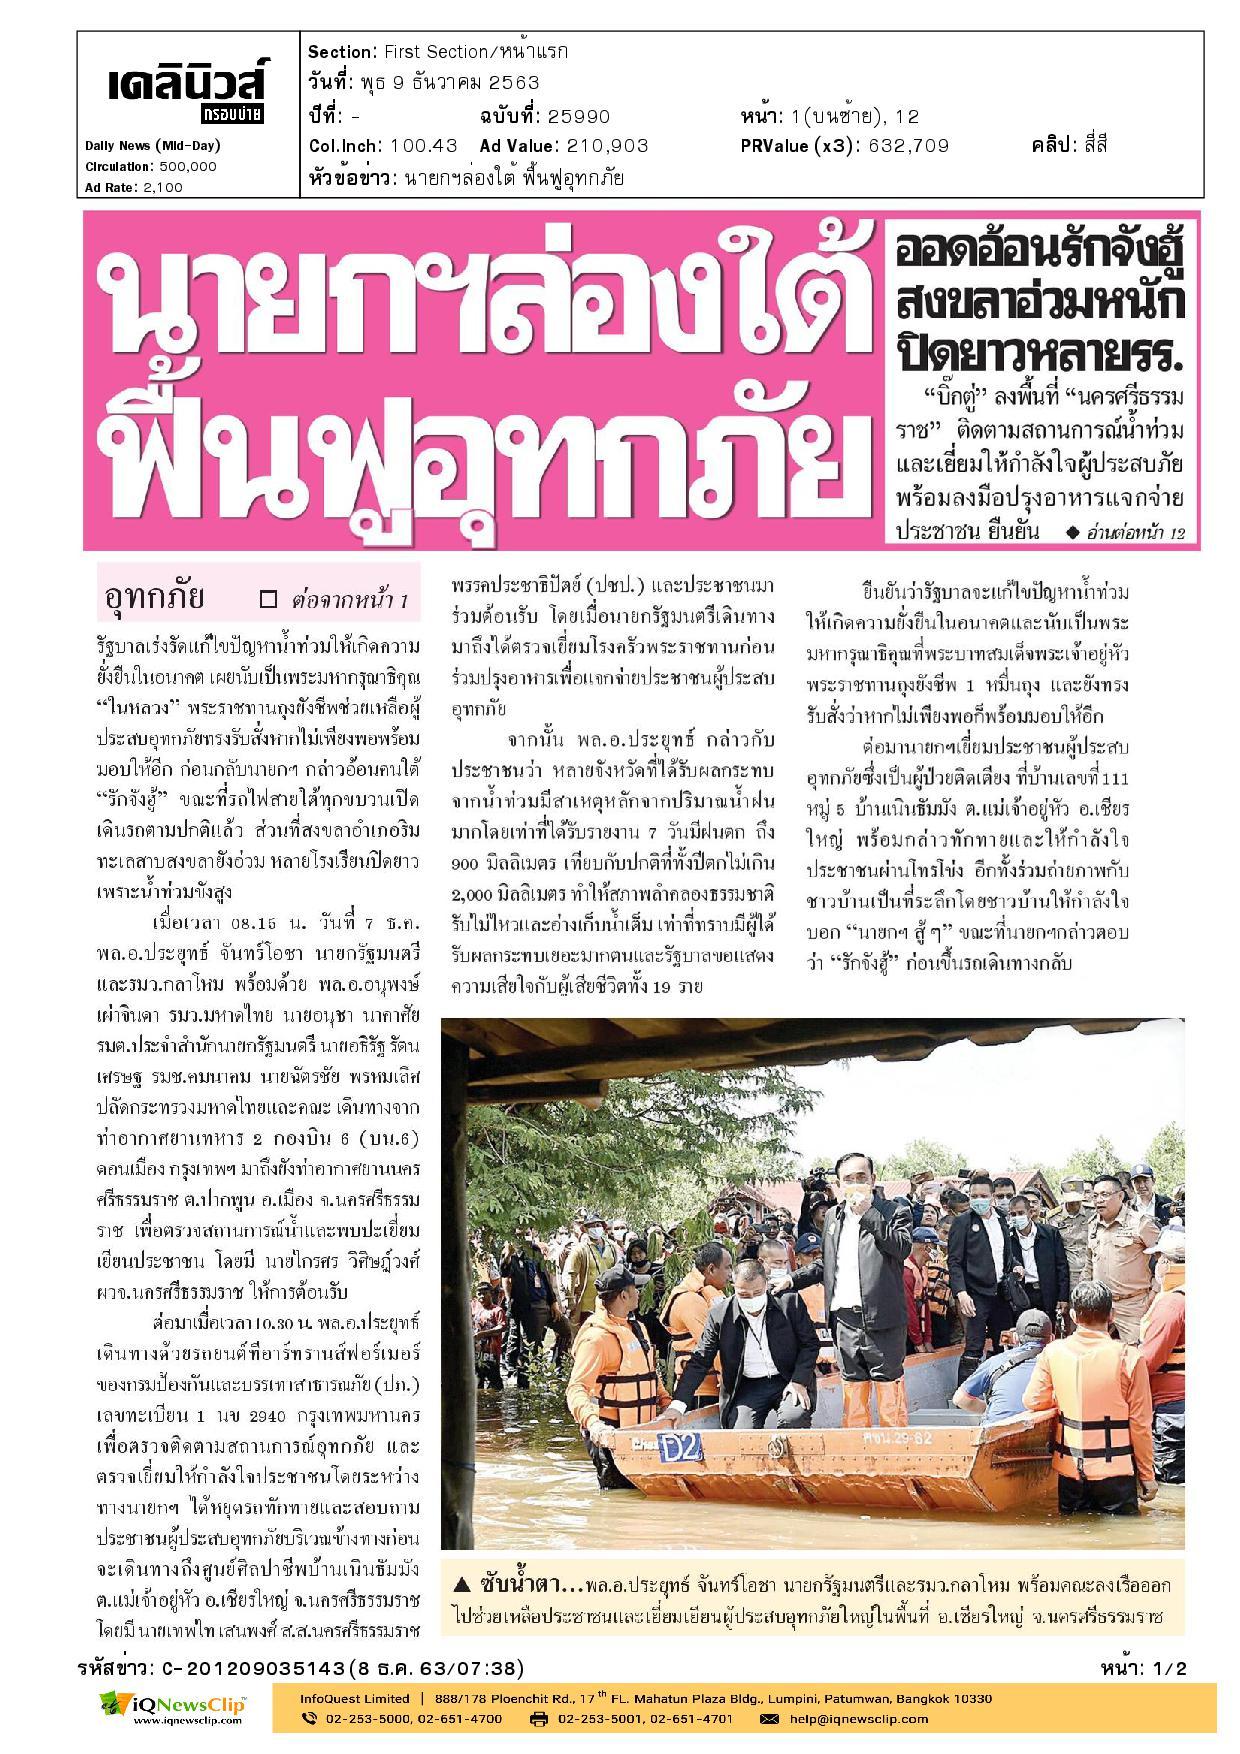 โรงครัวพระราชทาน ของมูลนิธิอาสาเพื่อนพึ่ง (ภาฯ) ยามยาก สภากาชาดไทย